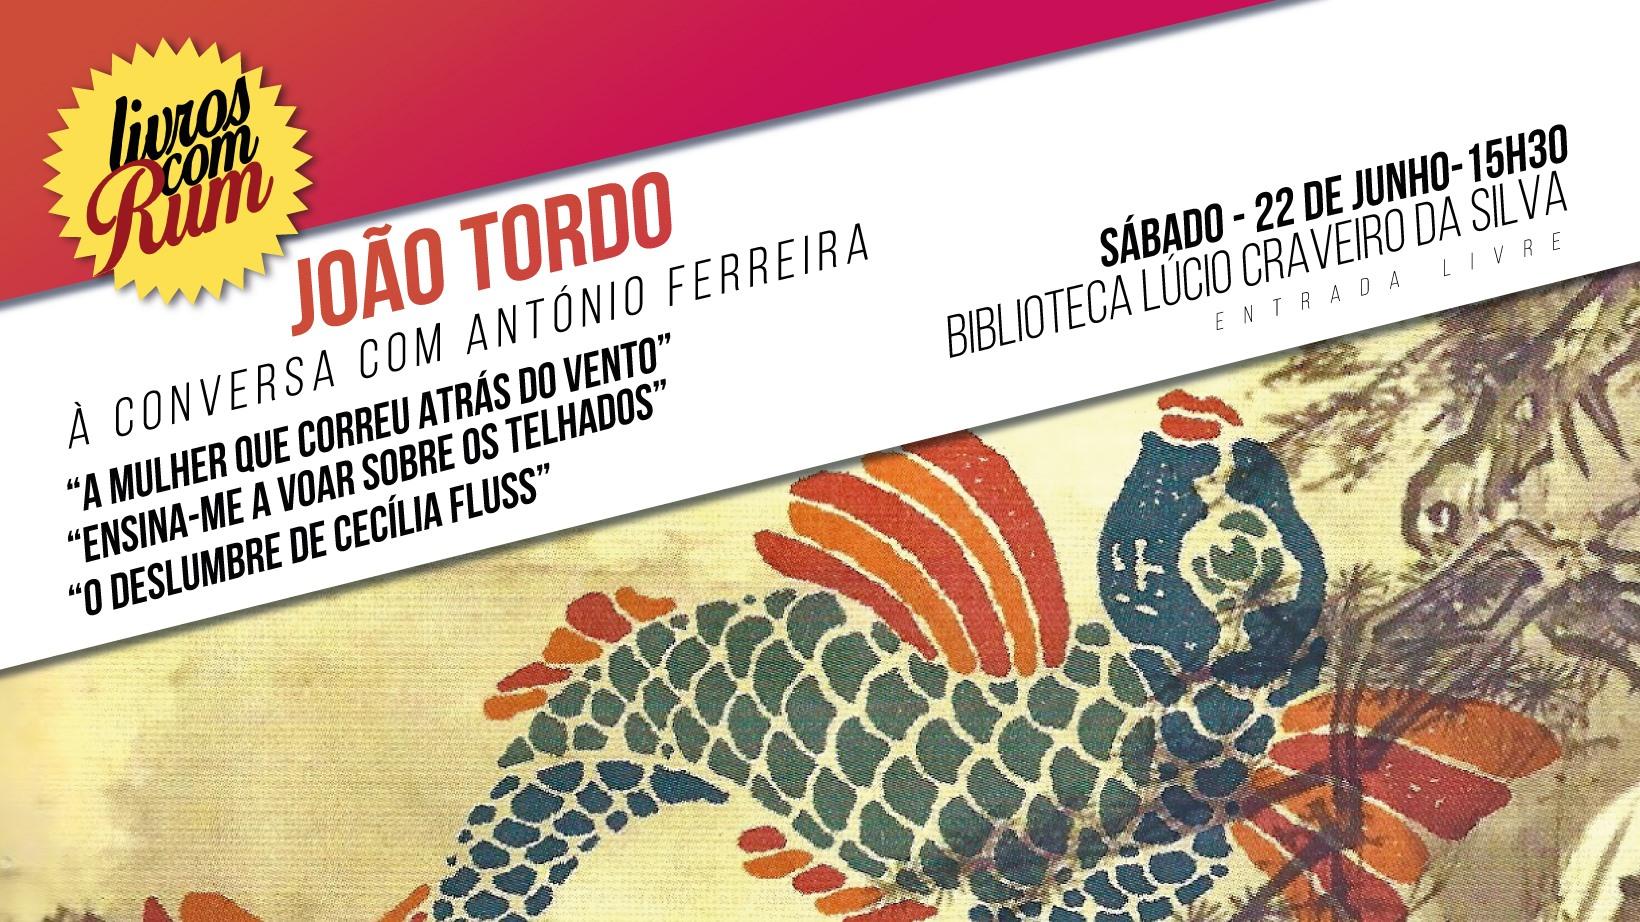 João Tordo - 22 de junho de 2019